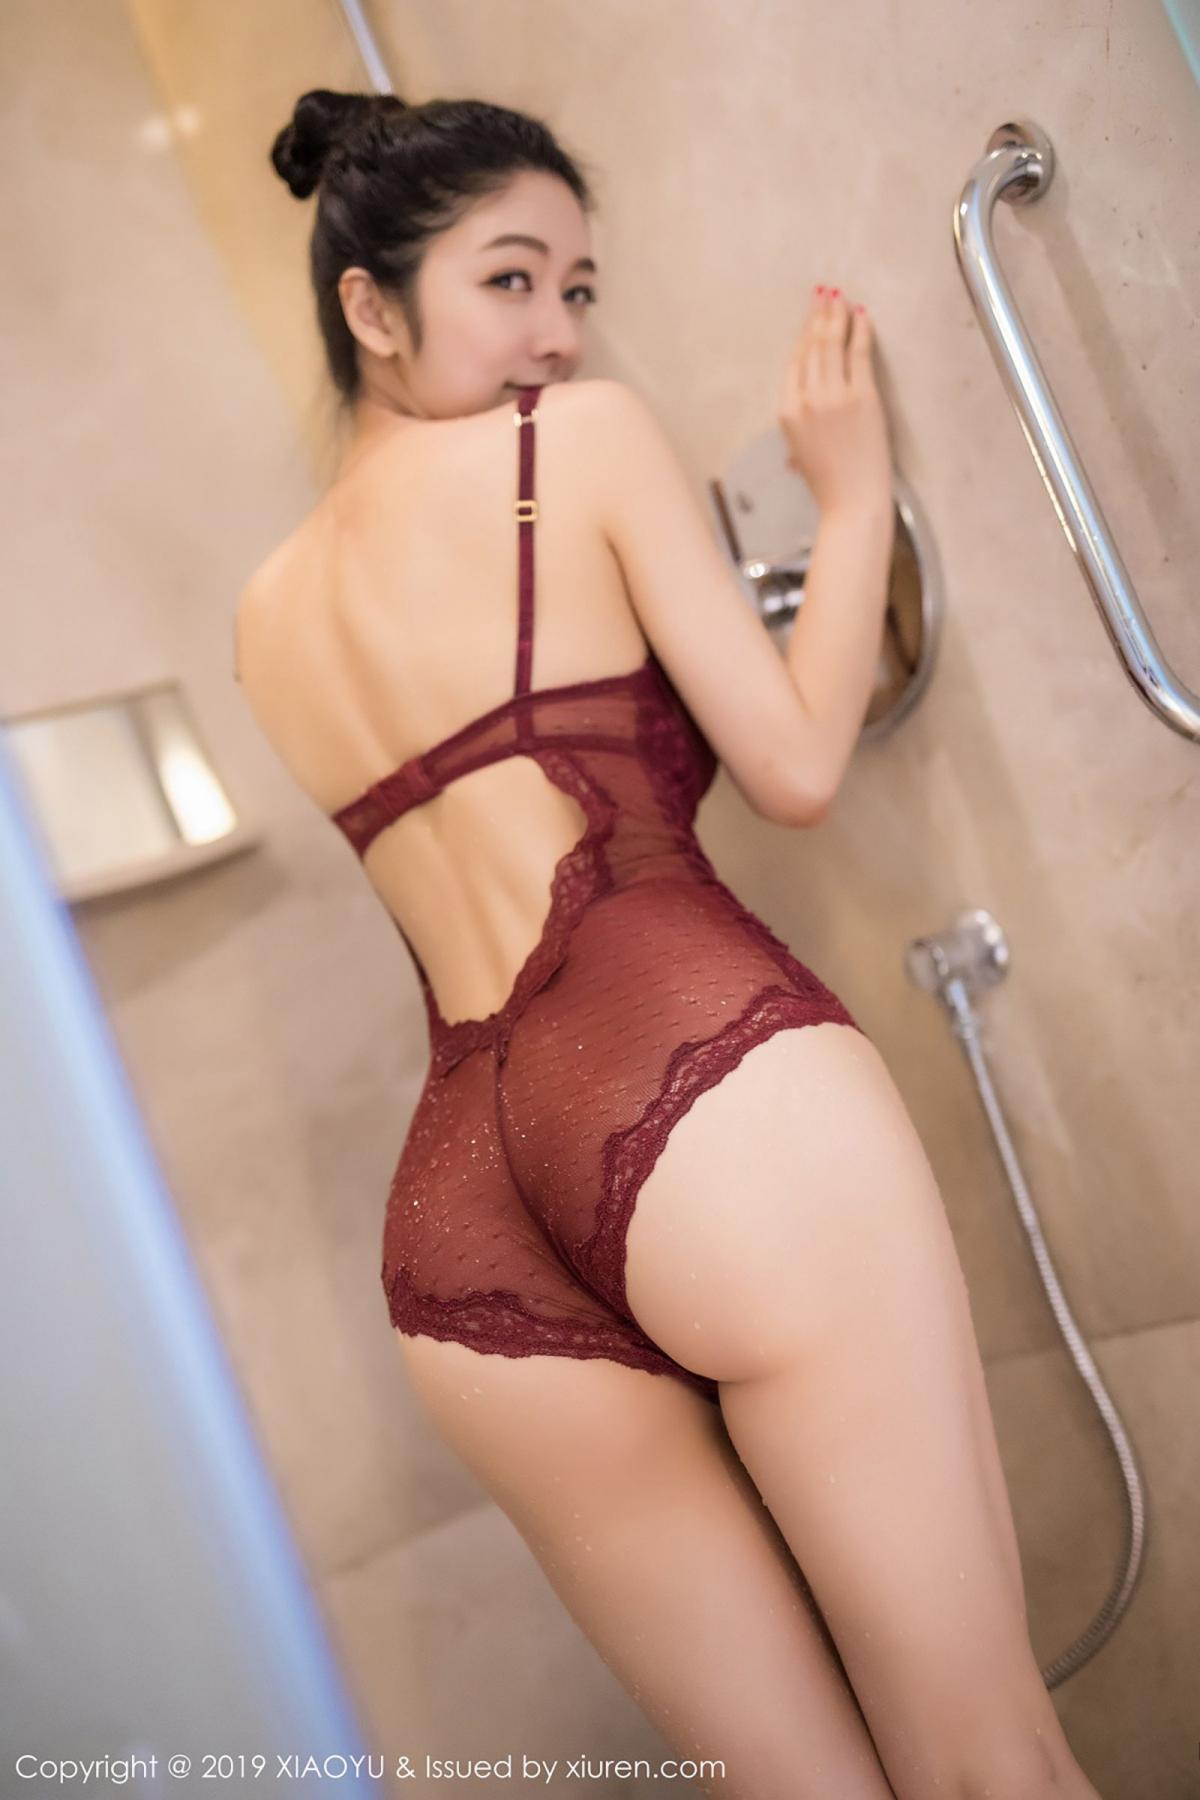 [XiaoYu] Vol.017 Di Yi 17P, Bathroom, Di Yi, Underwear, Wet, XiaoYu